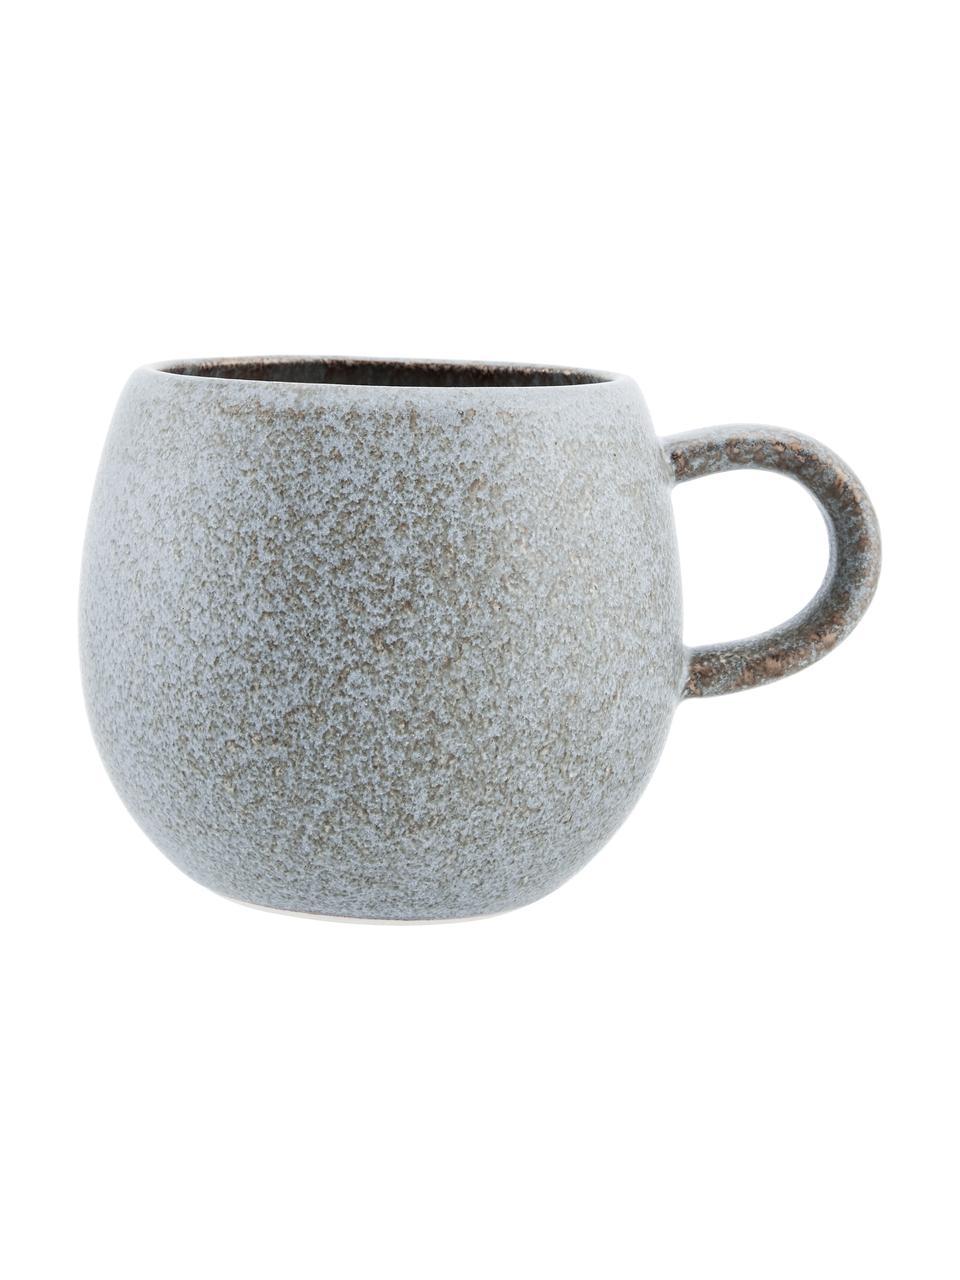 Tasse à thé faite main Addison, 3élém., Gris, beige, blanc